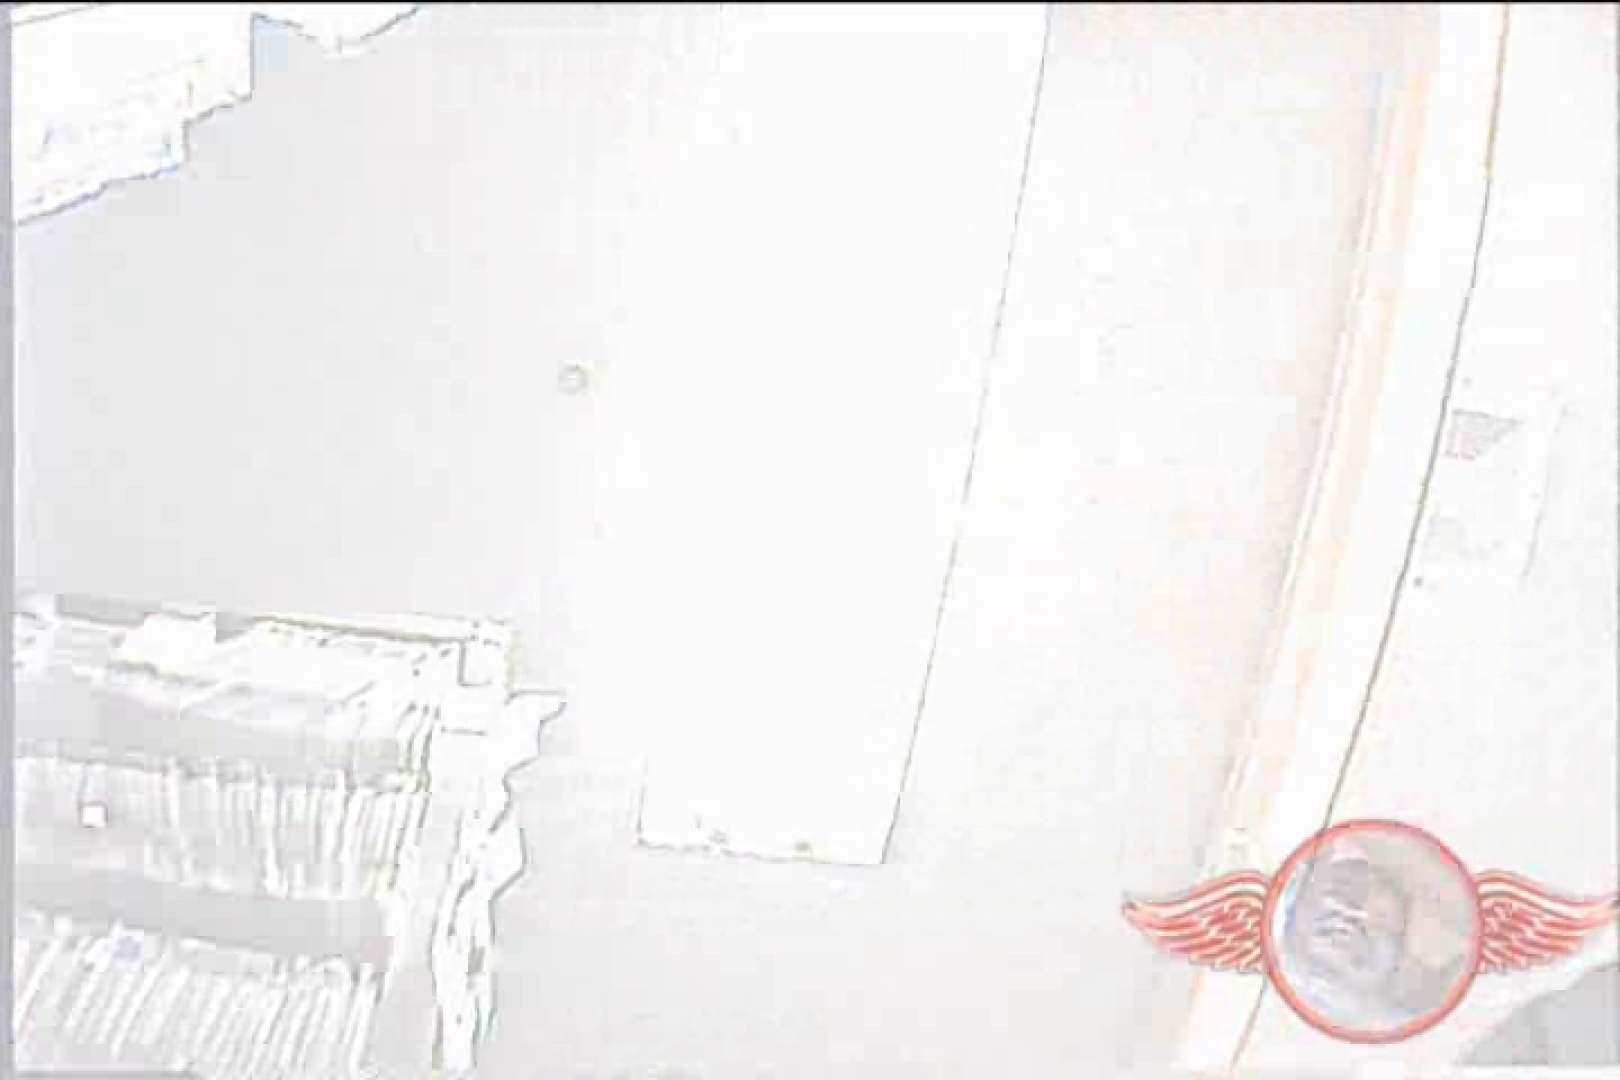 盗撮師が入院ついでに盗撮してきました~Vol.2 盗撮  83枚 31